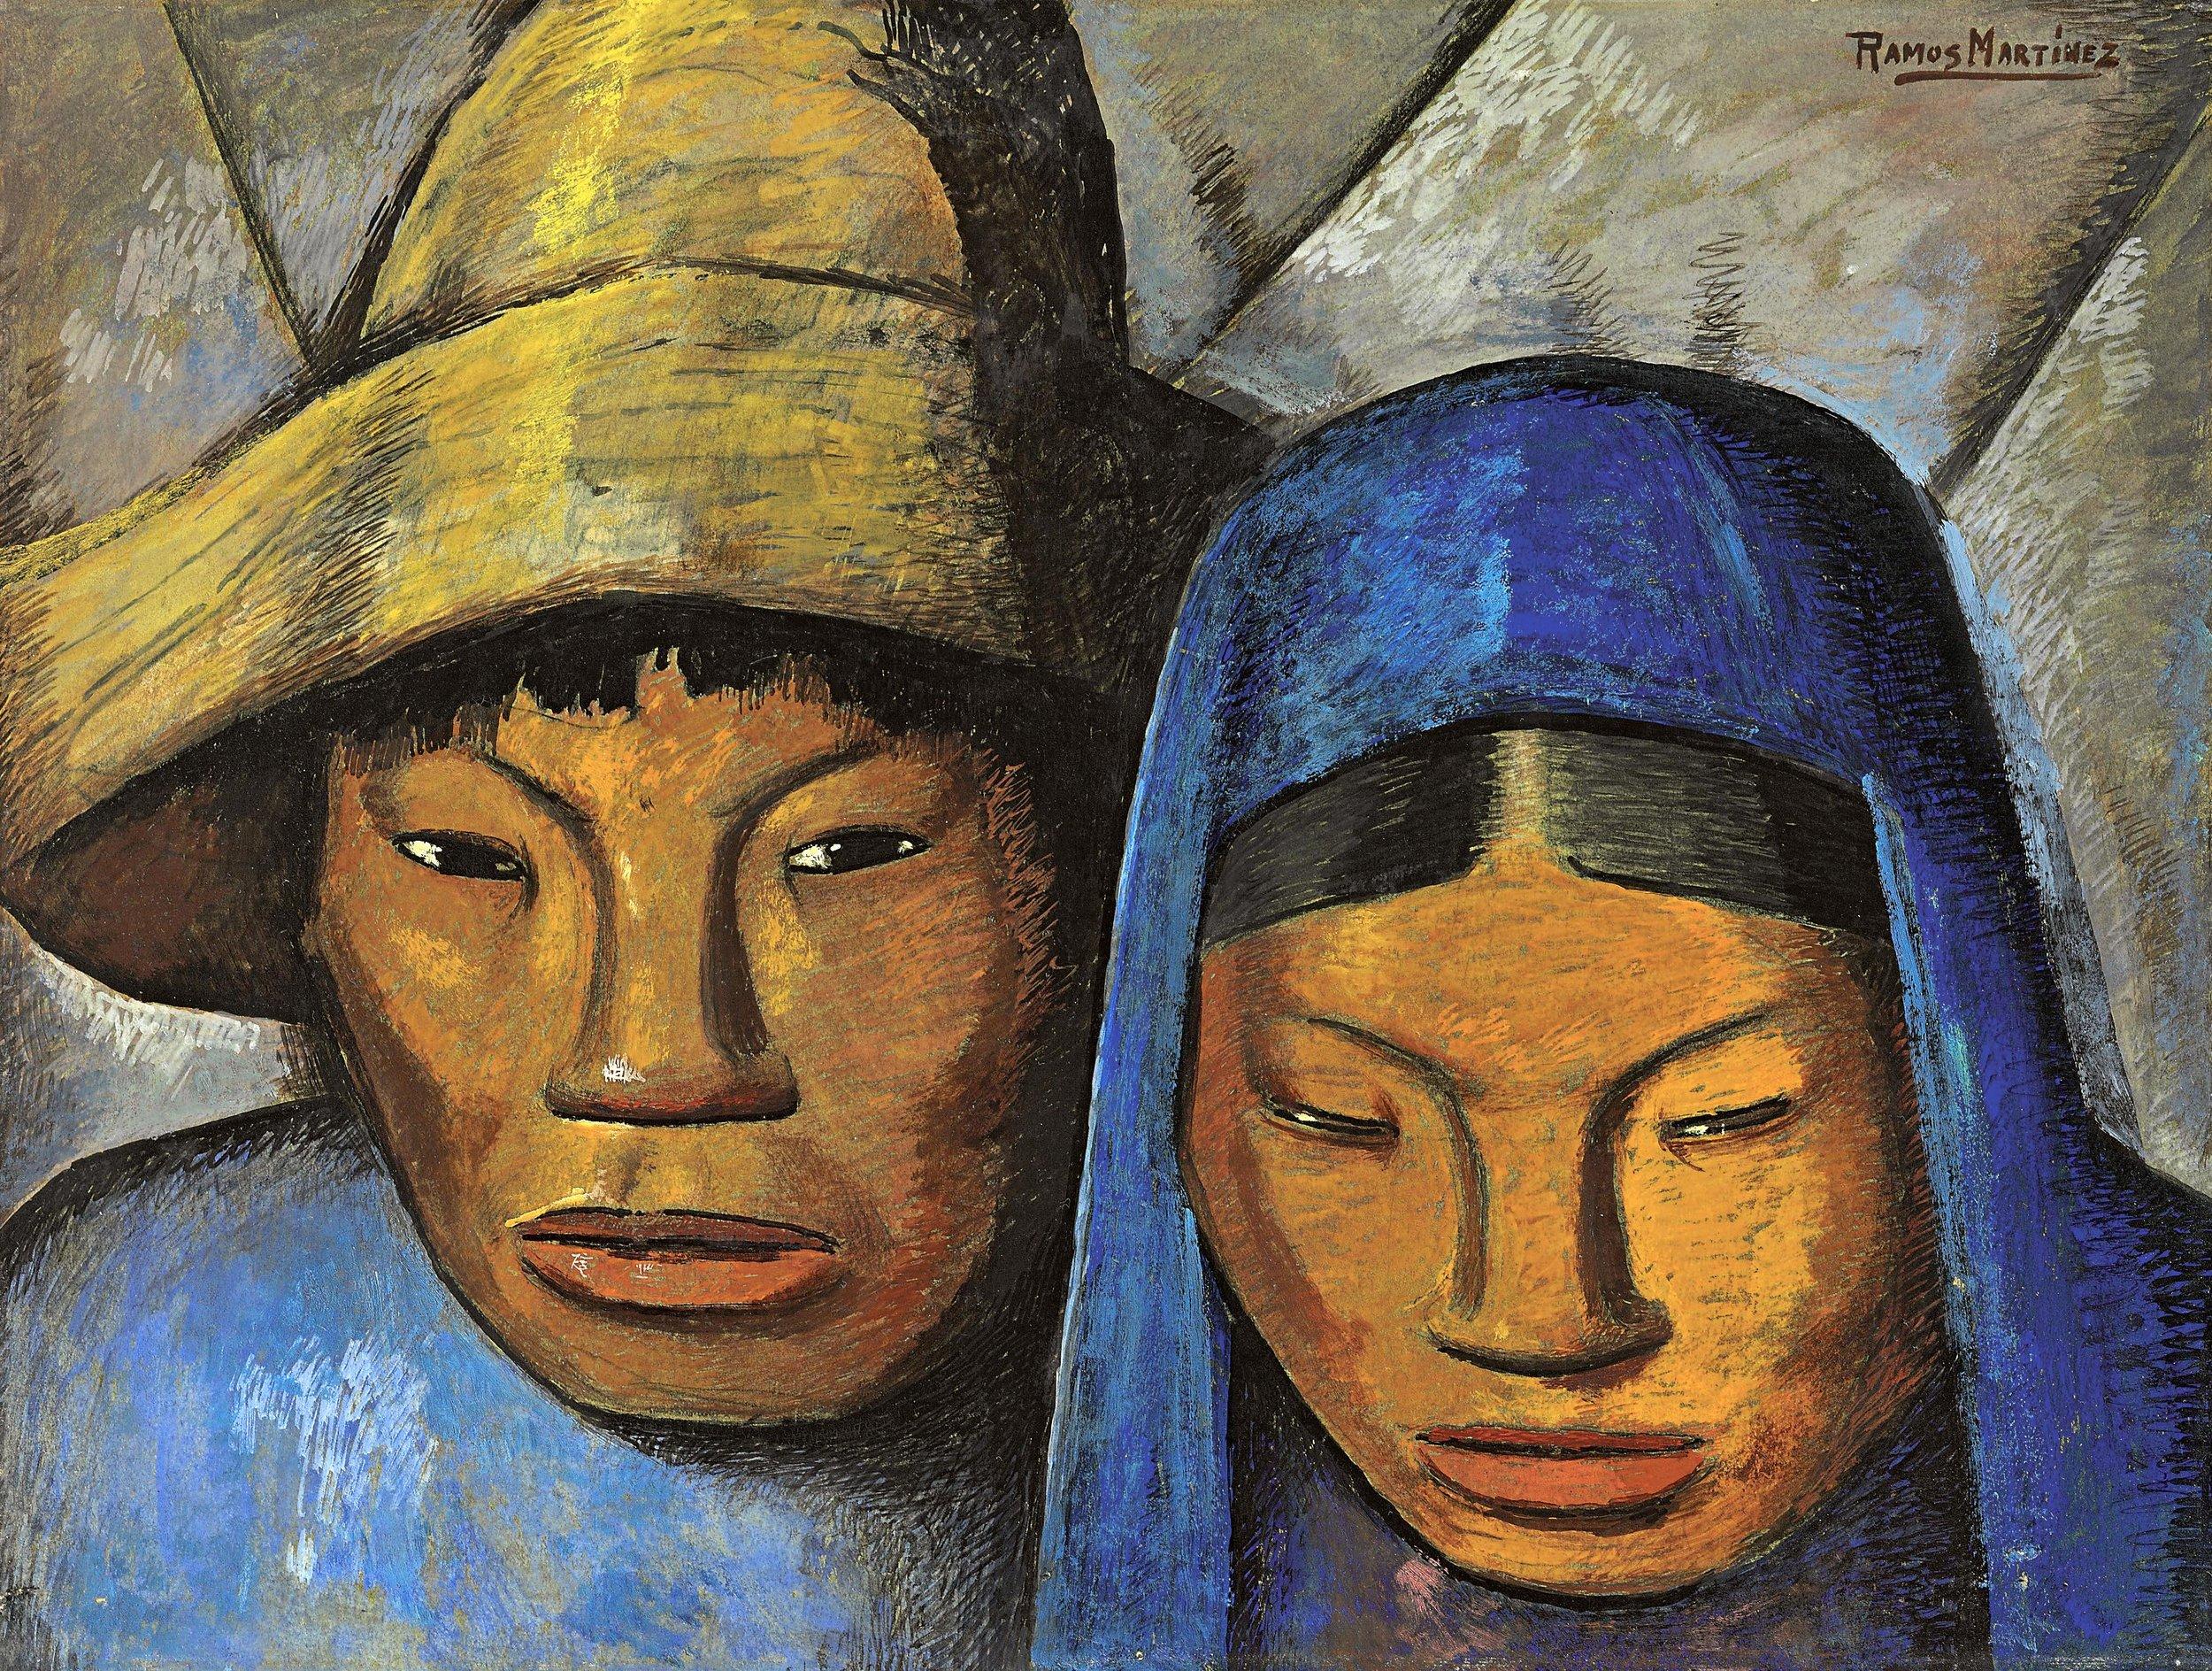 La Pareja en Azul / The Couple in Blue  1930 oil on board / óleo sobre tabla 18.1 x 2 inches / 46 x 61 centímetros Private collection